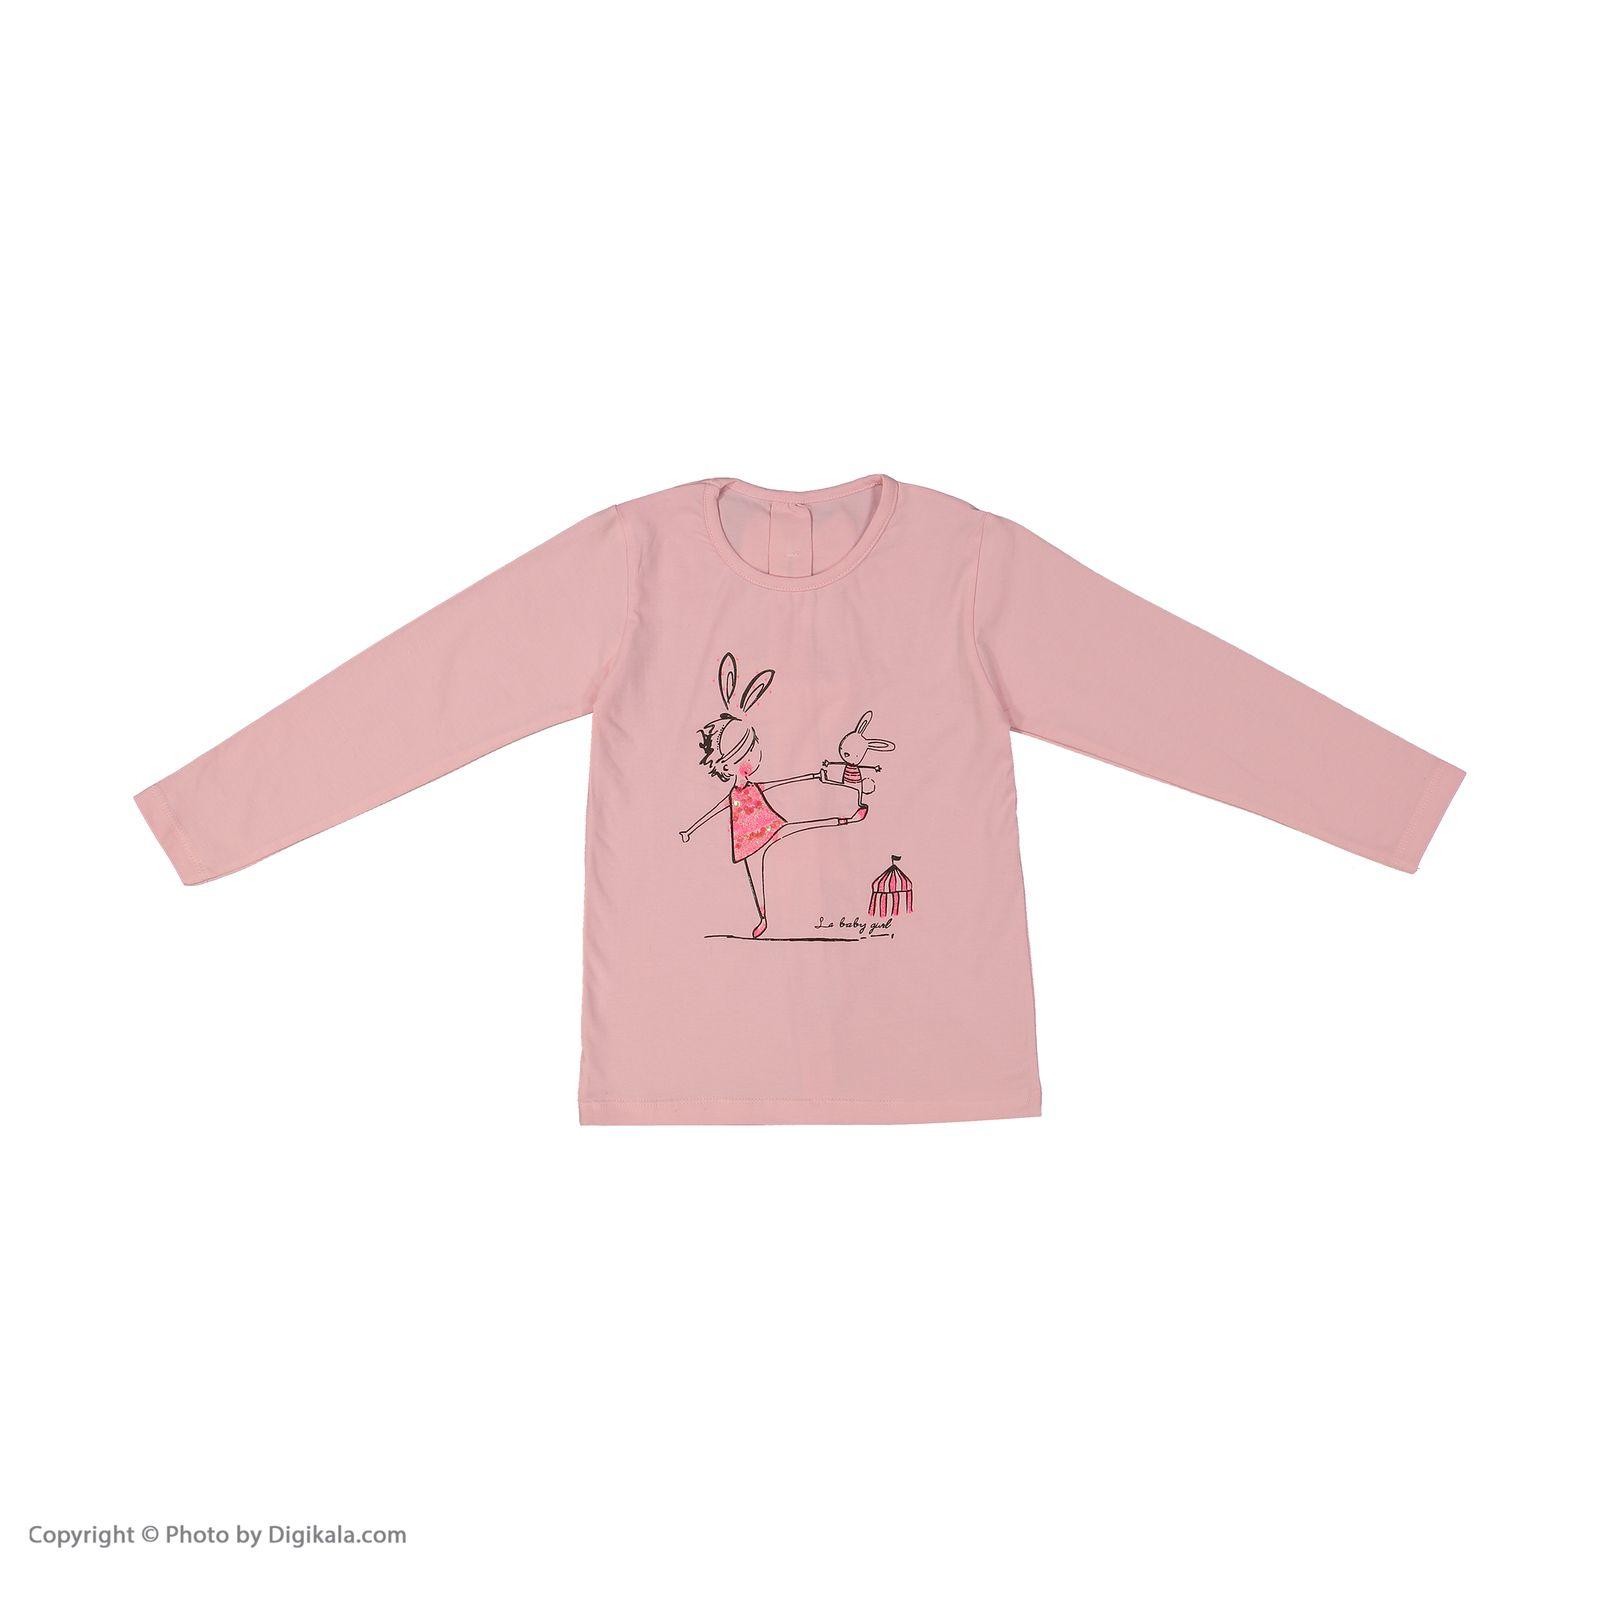 تی شرت دخترانه سون پون مدل 1391357-84 -  - 3